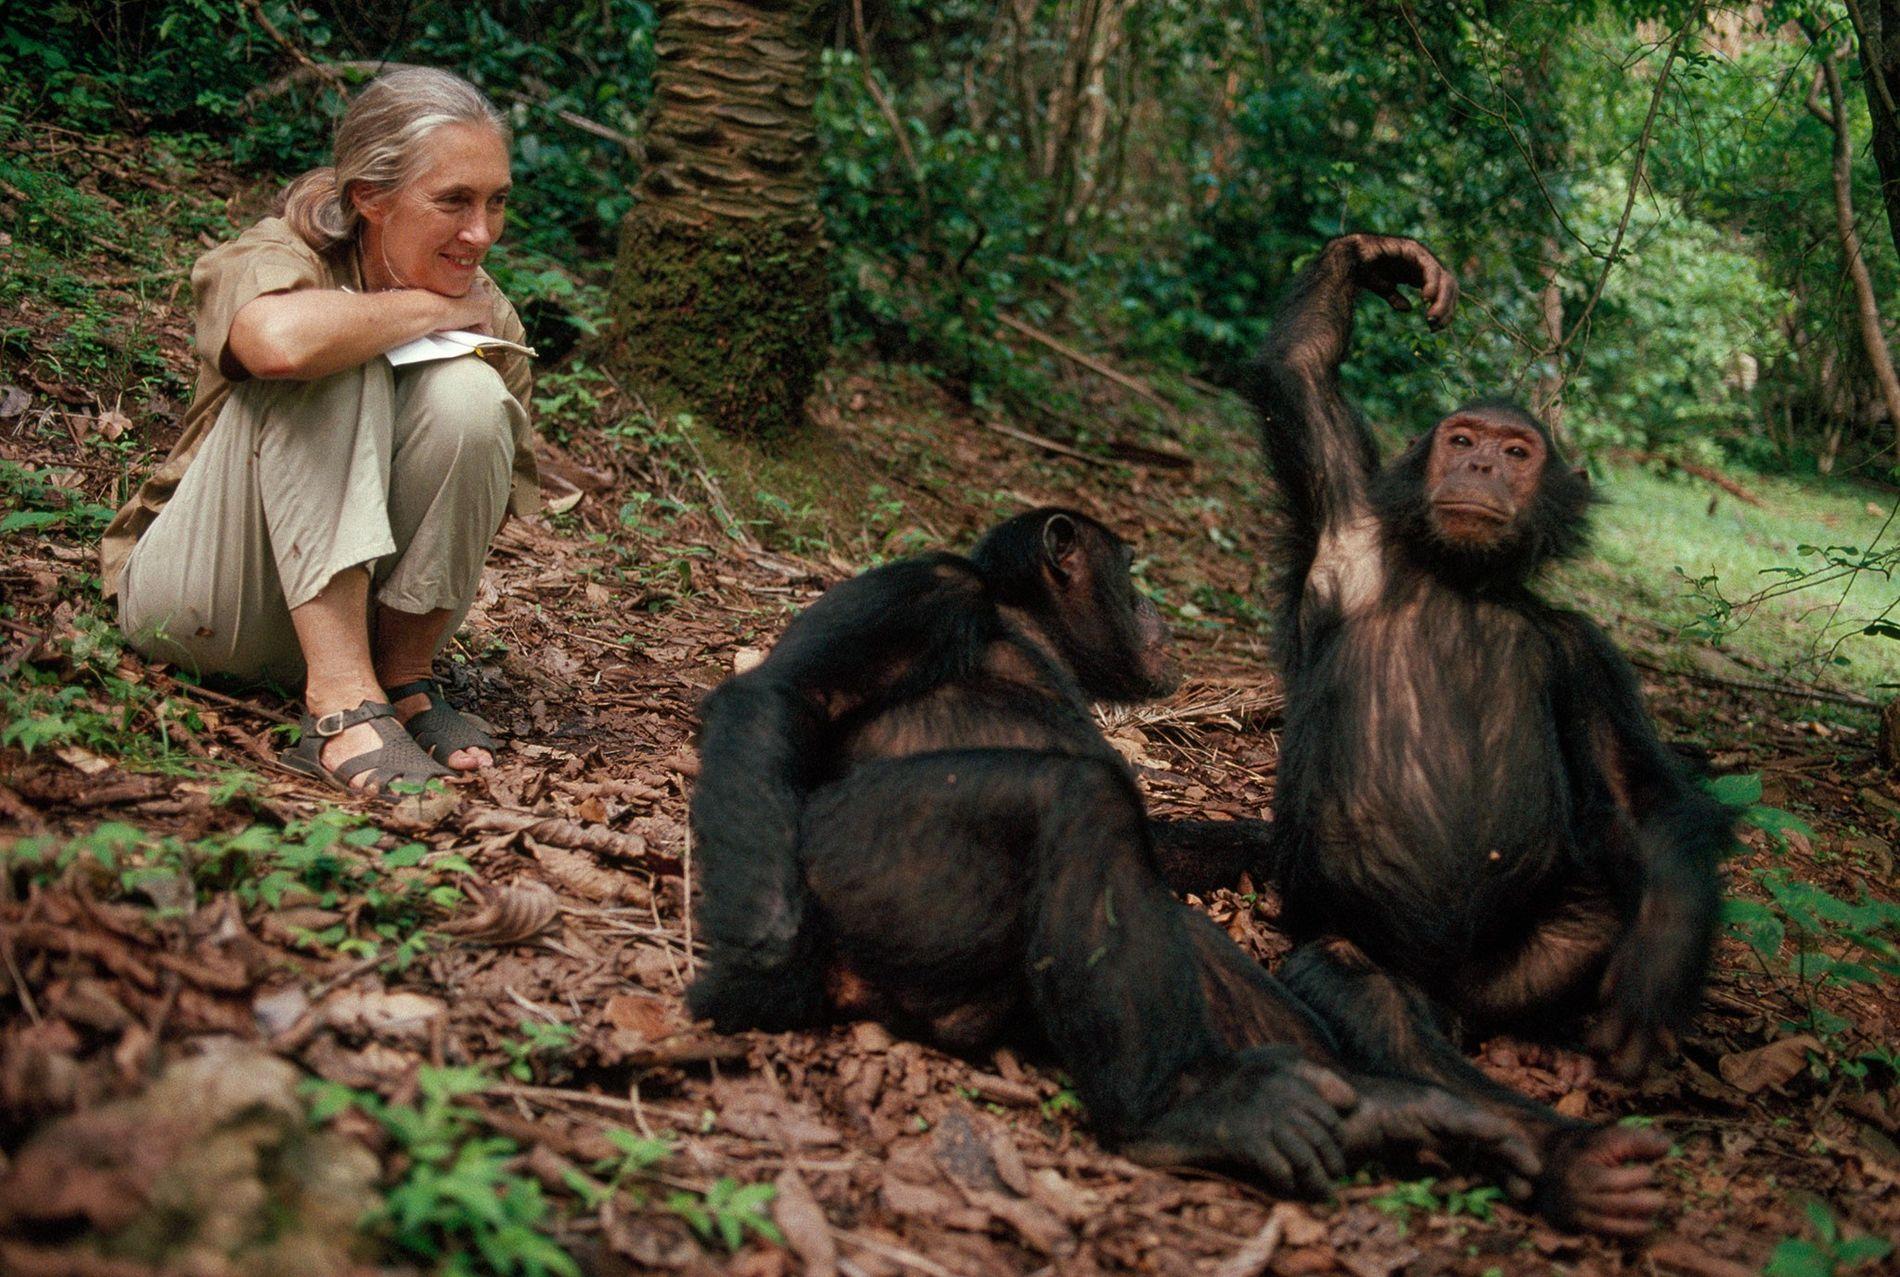 Récoltant les fruits d'années de dévouement, Jane Goodall sourit de toutes ses dents face aux chimpanzés de Gombe. « Nous avons mené la plus longue étude de tous les temps et, à moins que nous nous arrêtions, qui peut nous battre ? », questionne-t-elle.